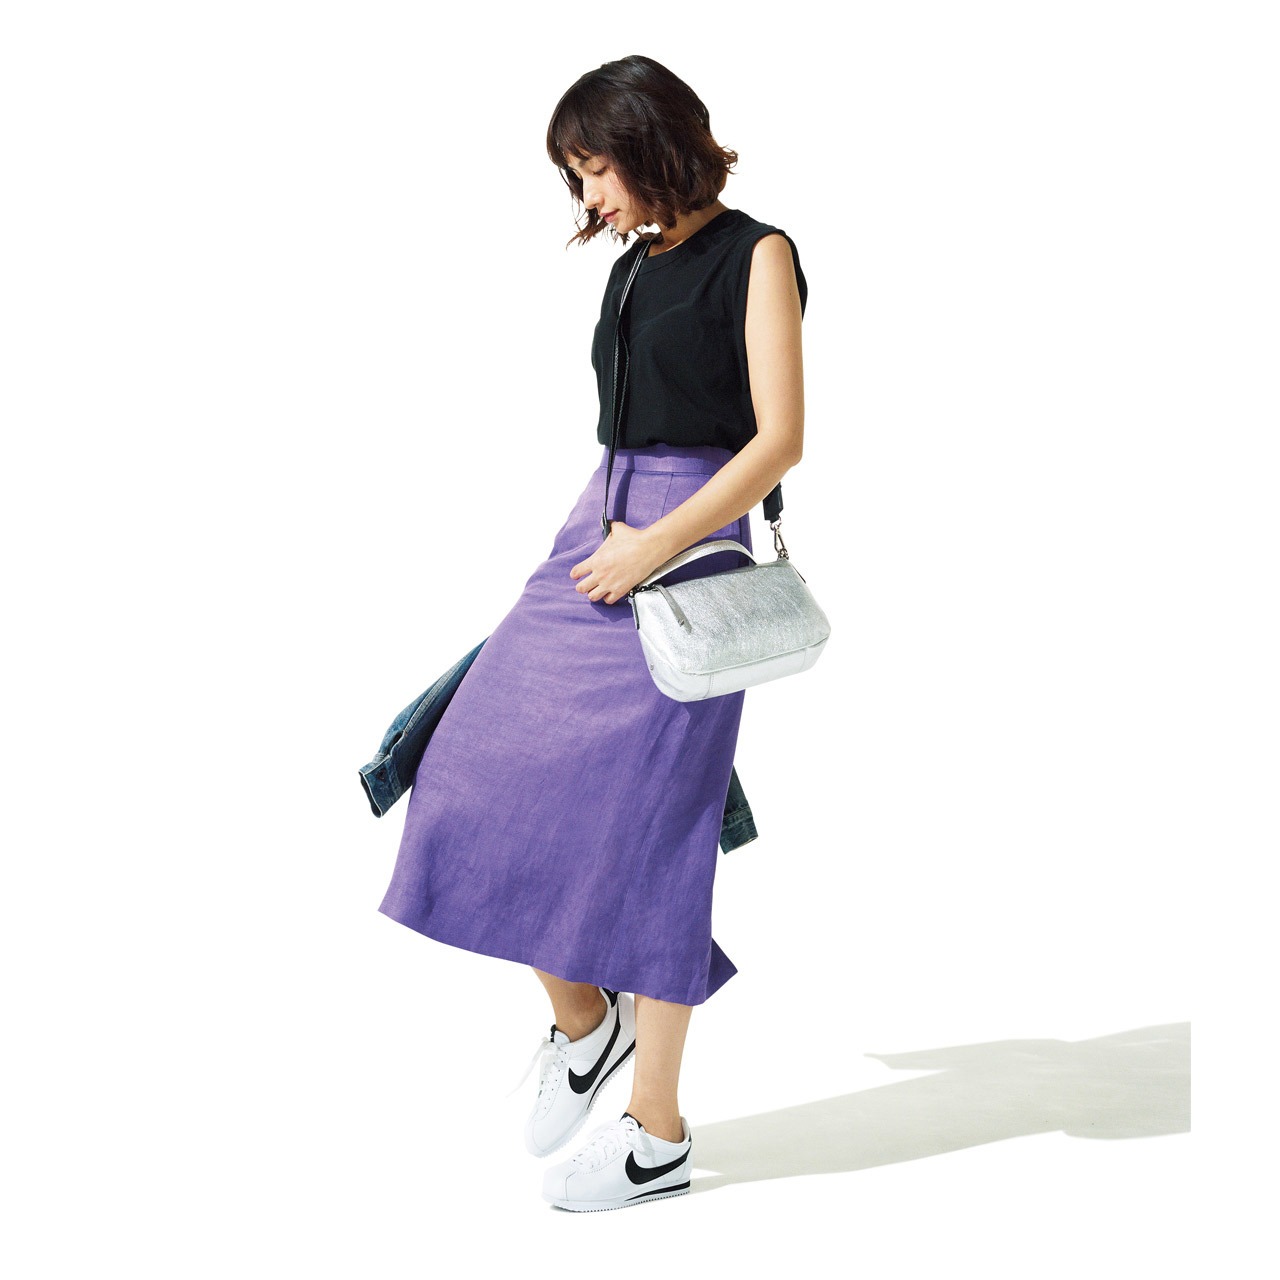 堅く見えがちなタイトスカートには、スニーカーで足もとに抜け感を。